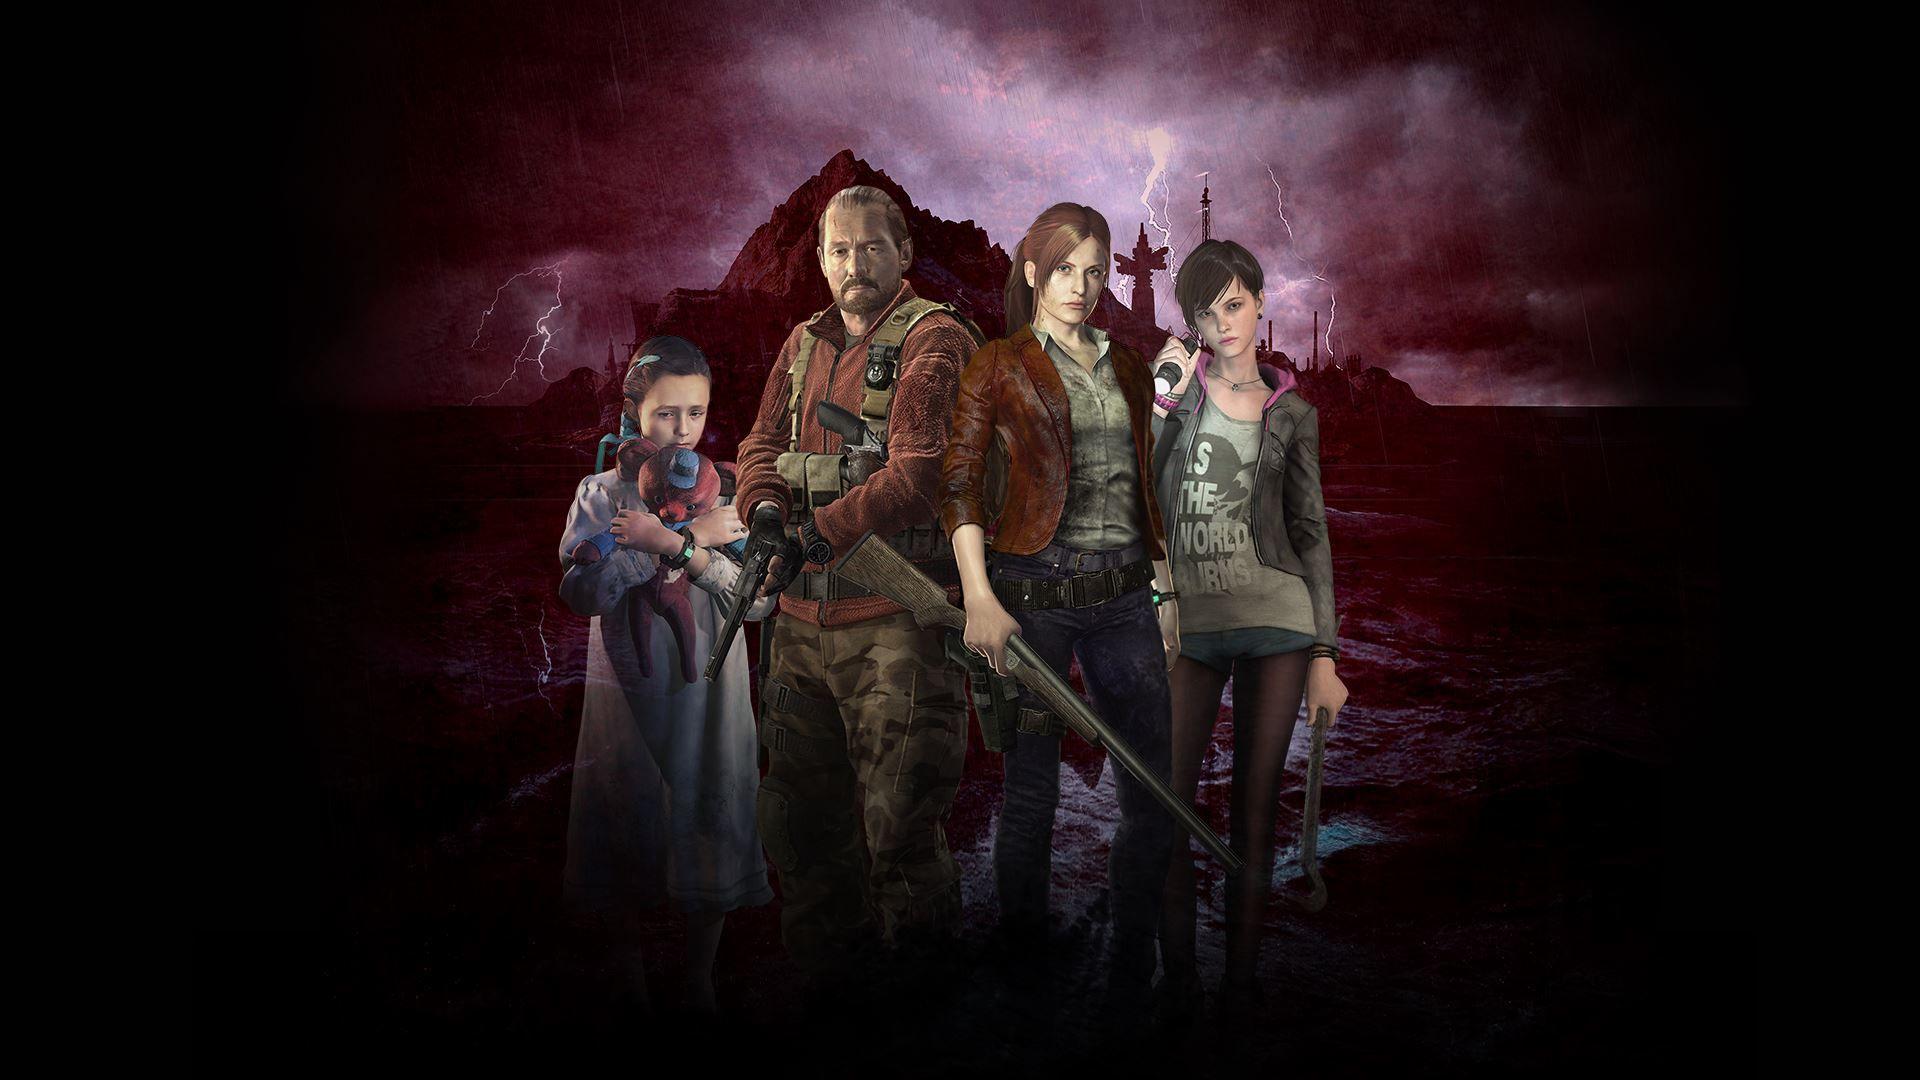 Resident Evil Revelations 2 Wallpaper Hd Resident Evil Resident